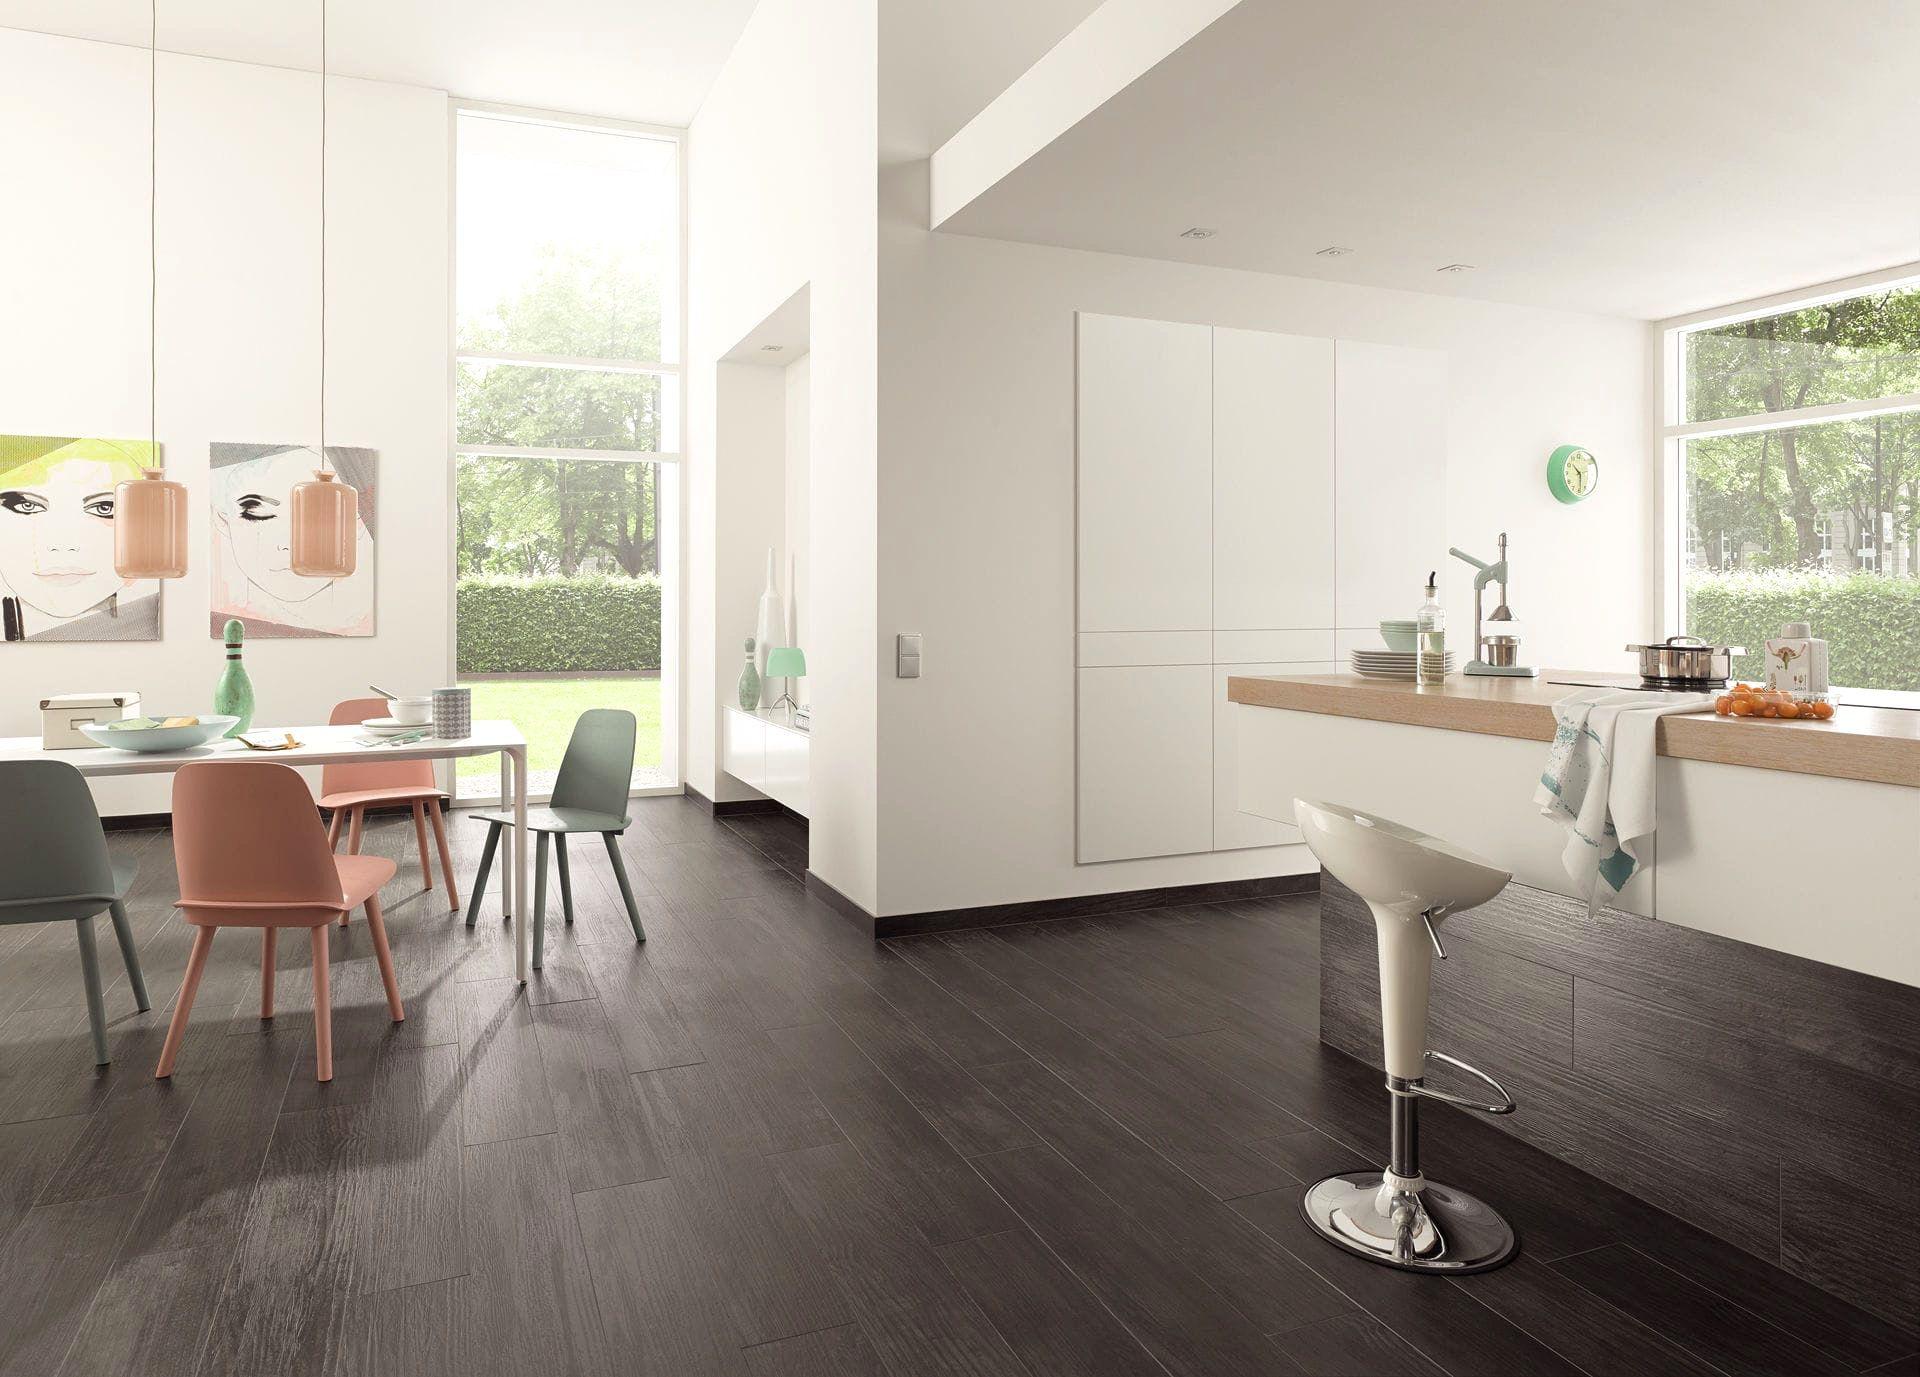 fliesen modern wohnzimmer (With images)   Living room ...